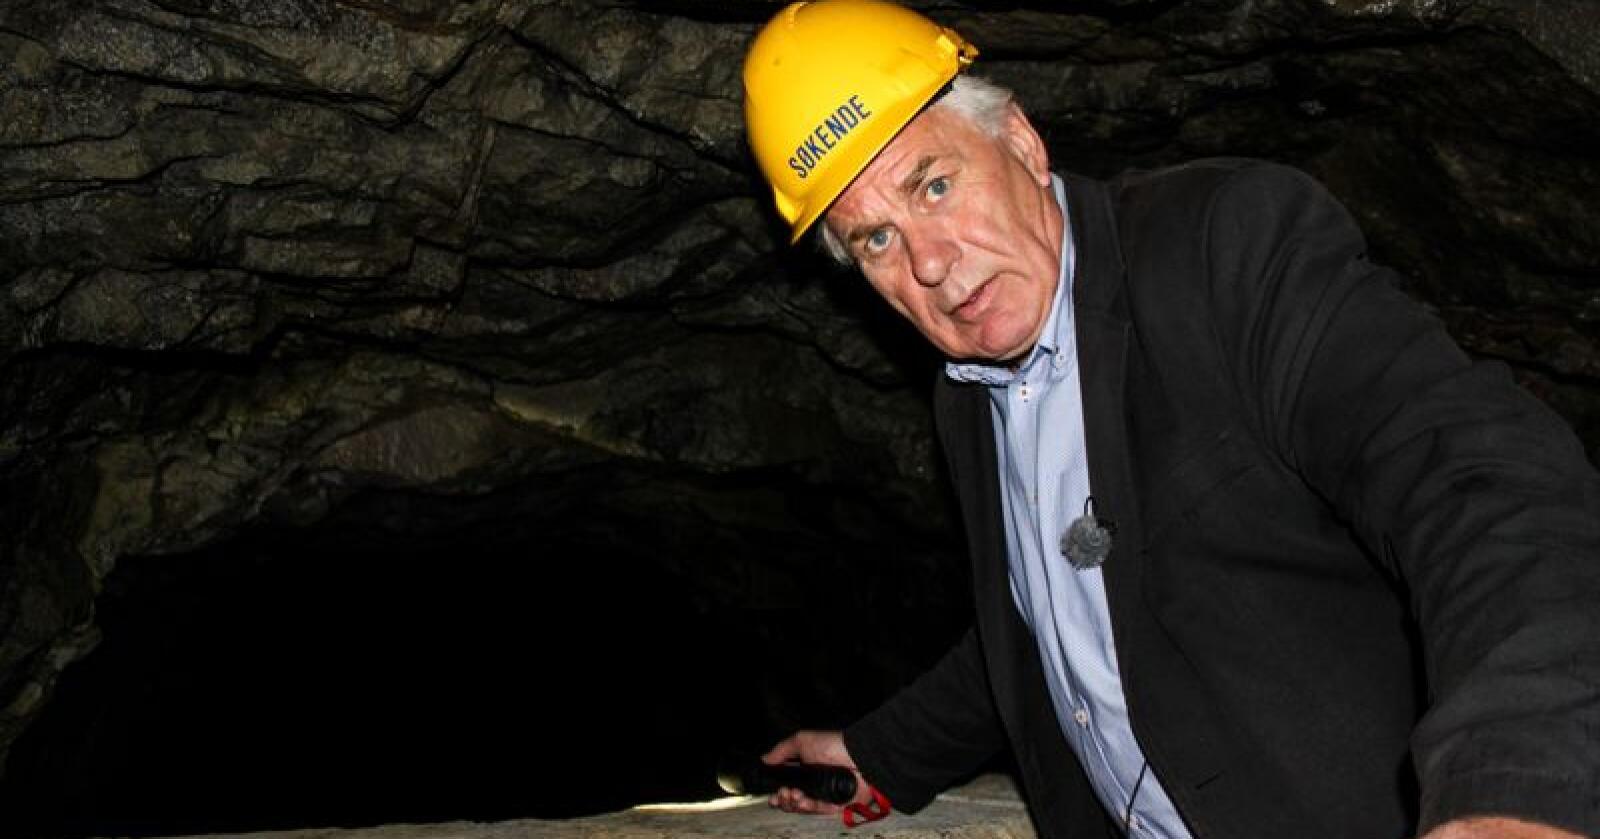 Varaordfører Bård Espelid var på befaring etter at høydebassenget på Øvre Kleppe var tømt for vann. Foto: Jørgen Eide / NTB scanpix